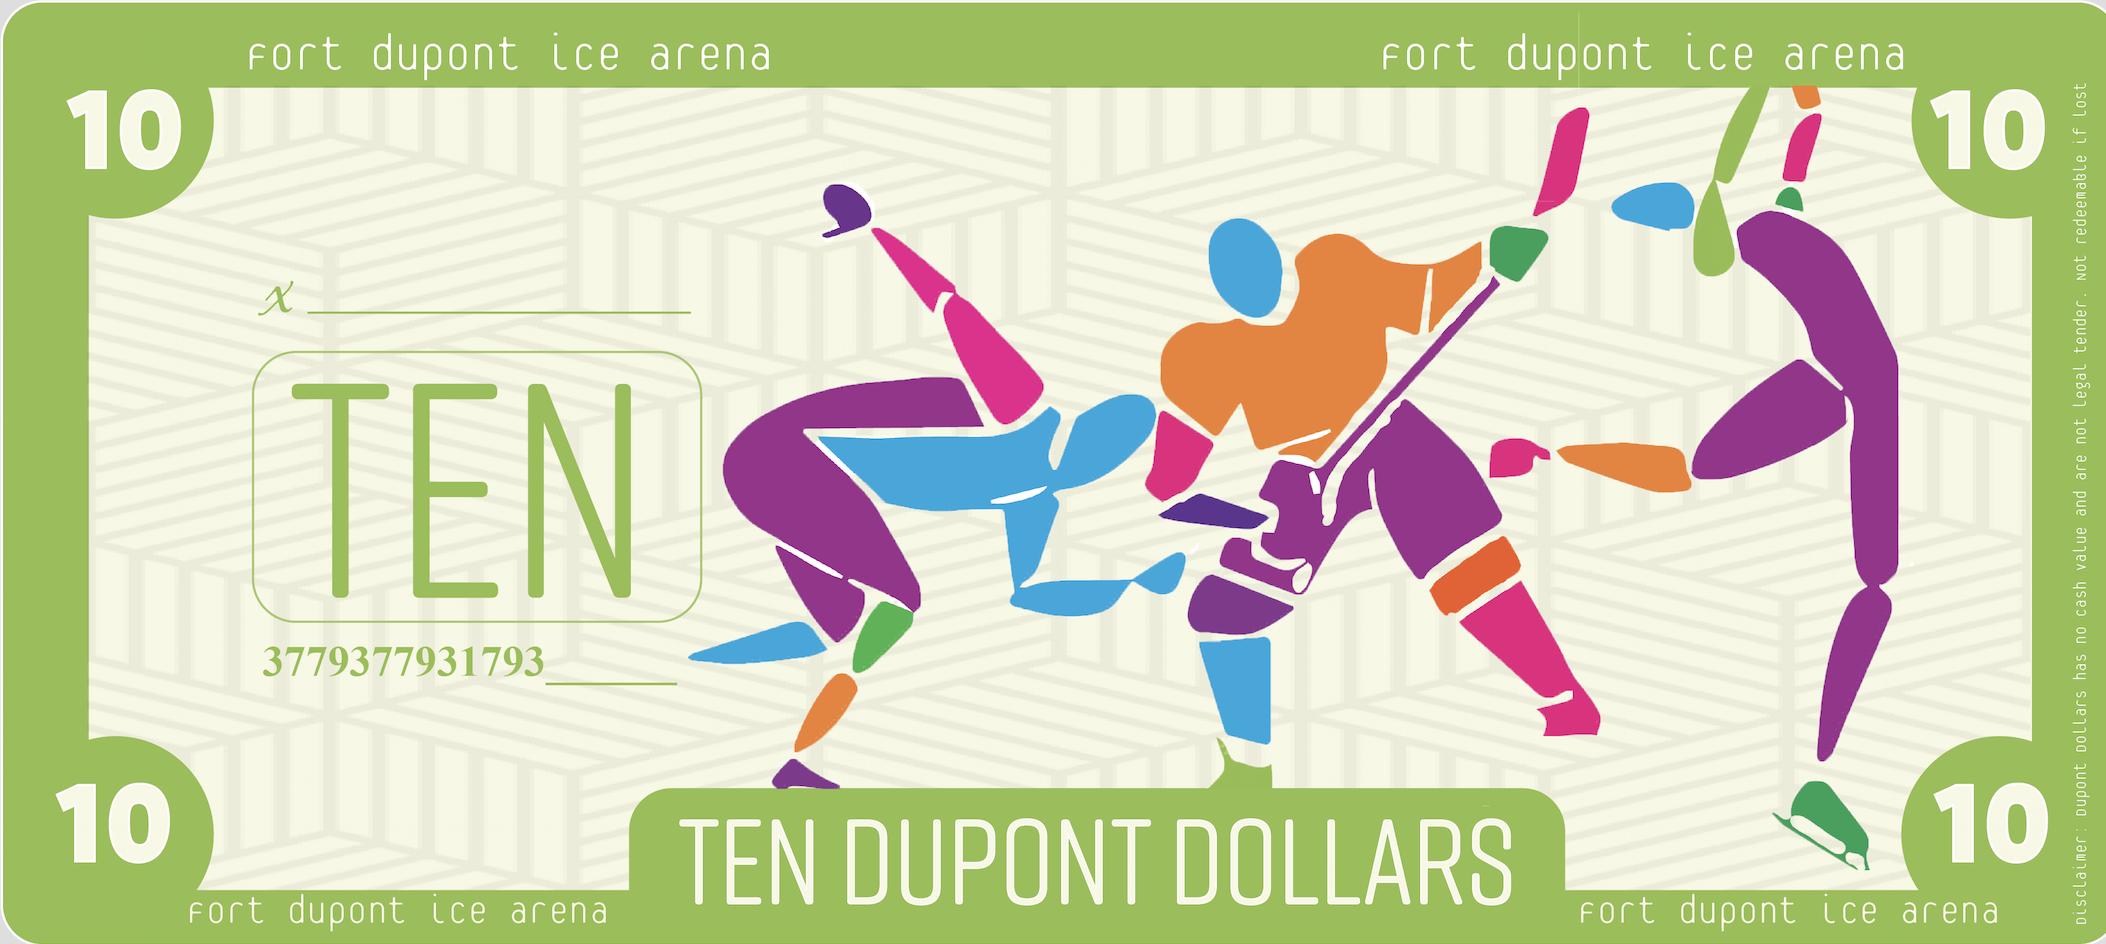 FDIA Dupont Dollars _ Ten